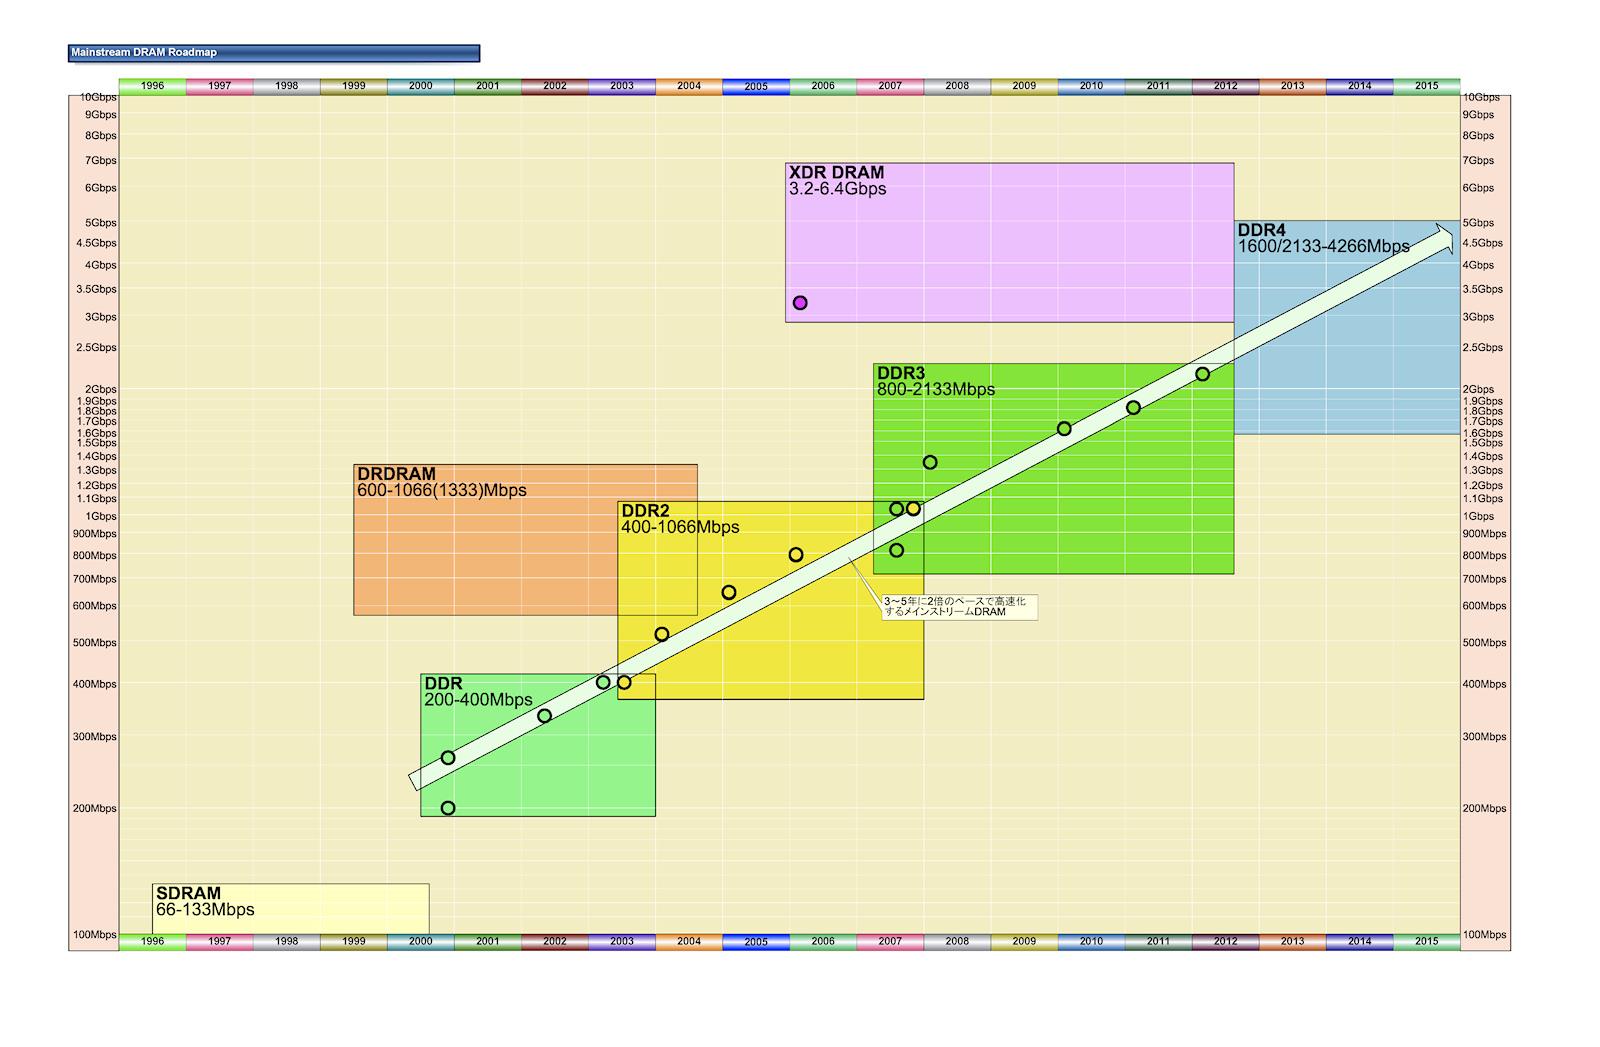 """メインストリームDRAMのロードマップ <BR>PDF版は<A href=""""/video/pcw/docs/387/444/kaigai-08.pdf"""" ipw_id=""""842578"""" ipw_linktype=""""filelink_raw"""">こちら</A>"""